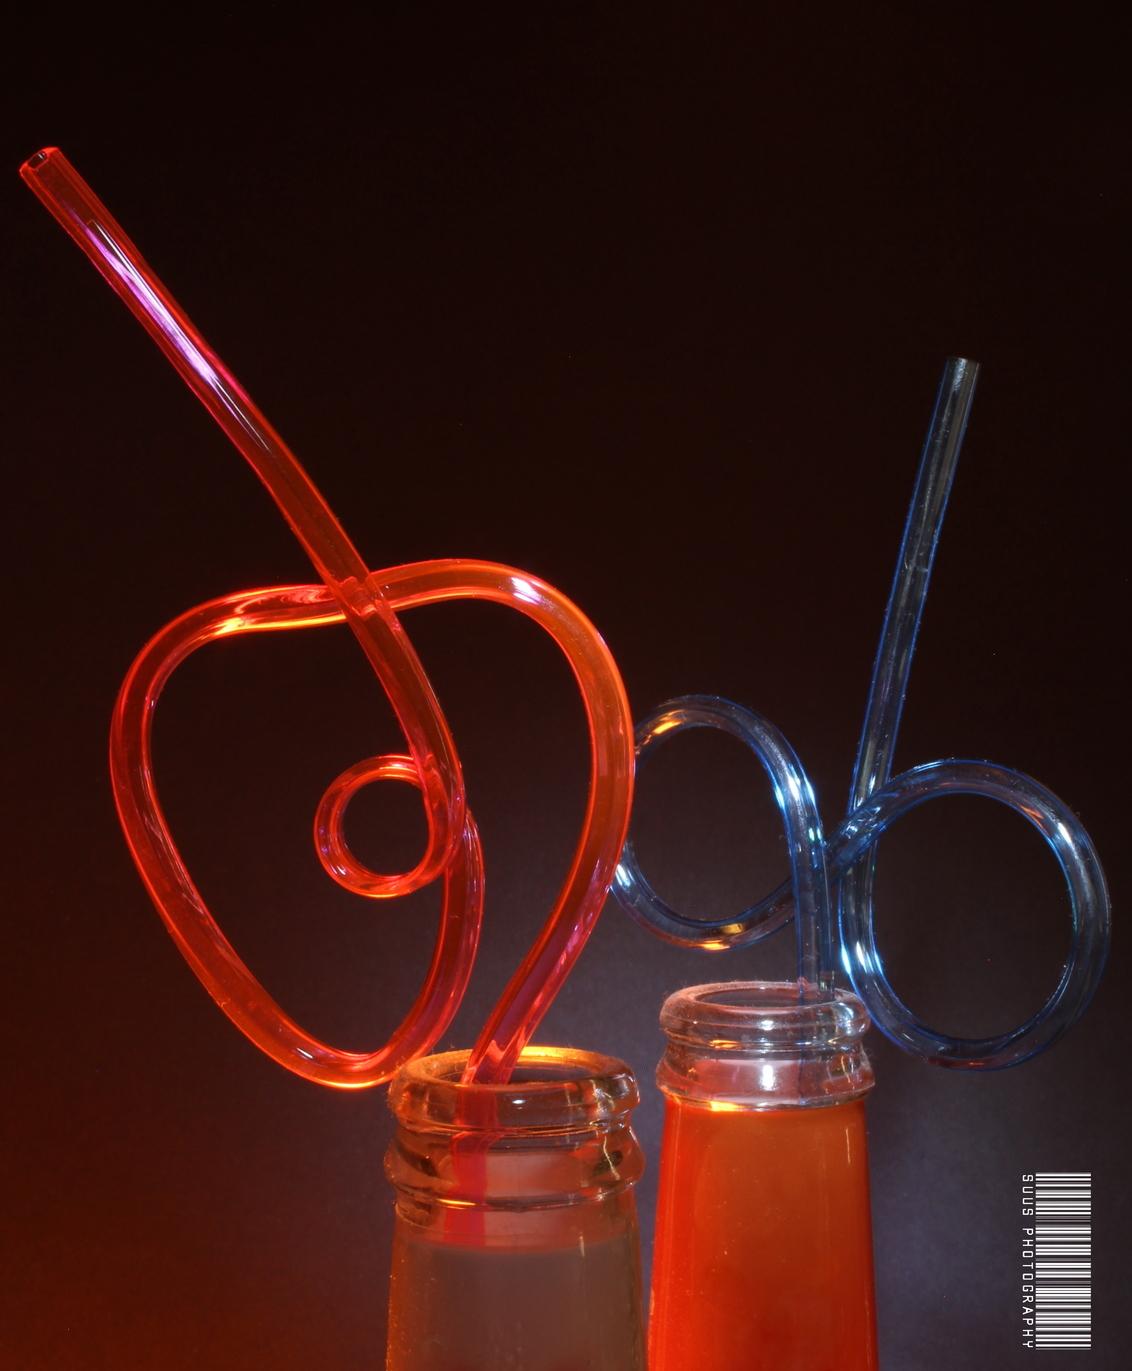 Zij dronk Ranja met een rietje - - - foto door susannekim op 30-10-2020 - deze foto bevat: rietjes, ledbelichting